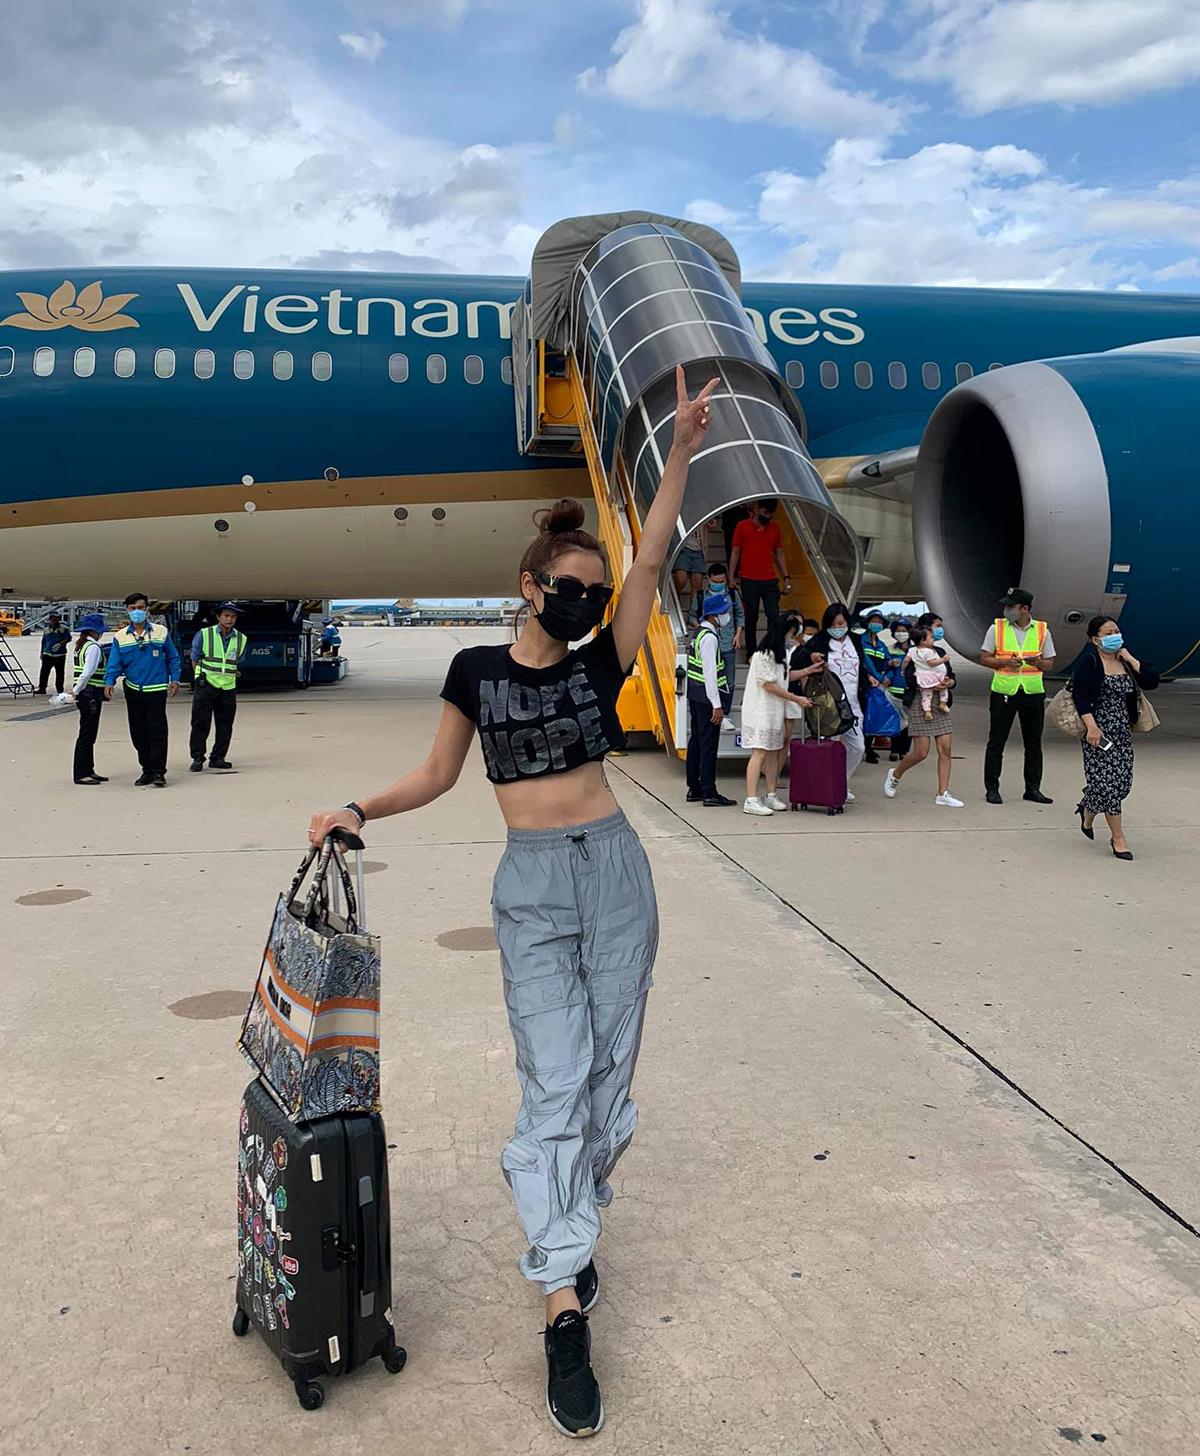 Phương Trinh Jolie tạm dừng công việc một vài ngày để thưởng cho mình chuyến du lịch dịp sinh nhật.